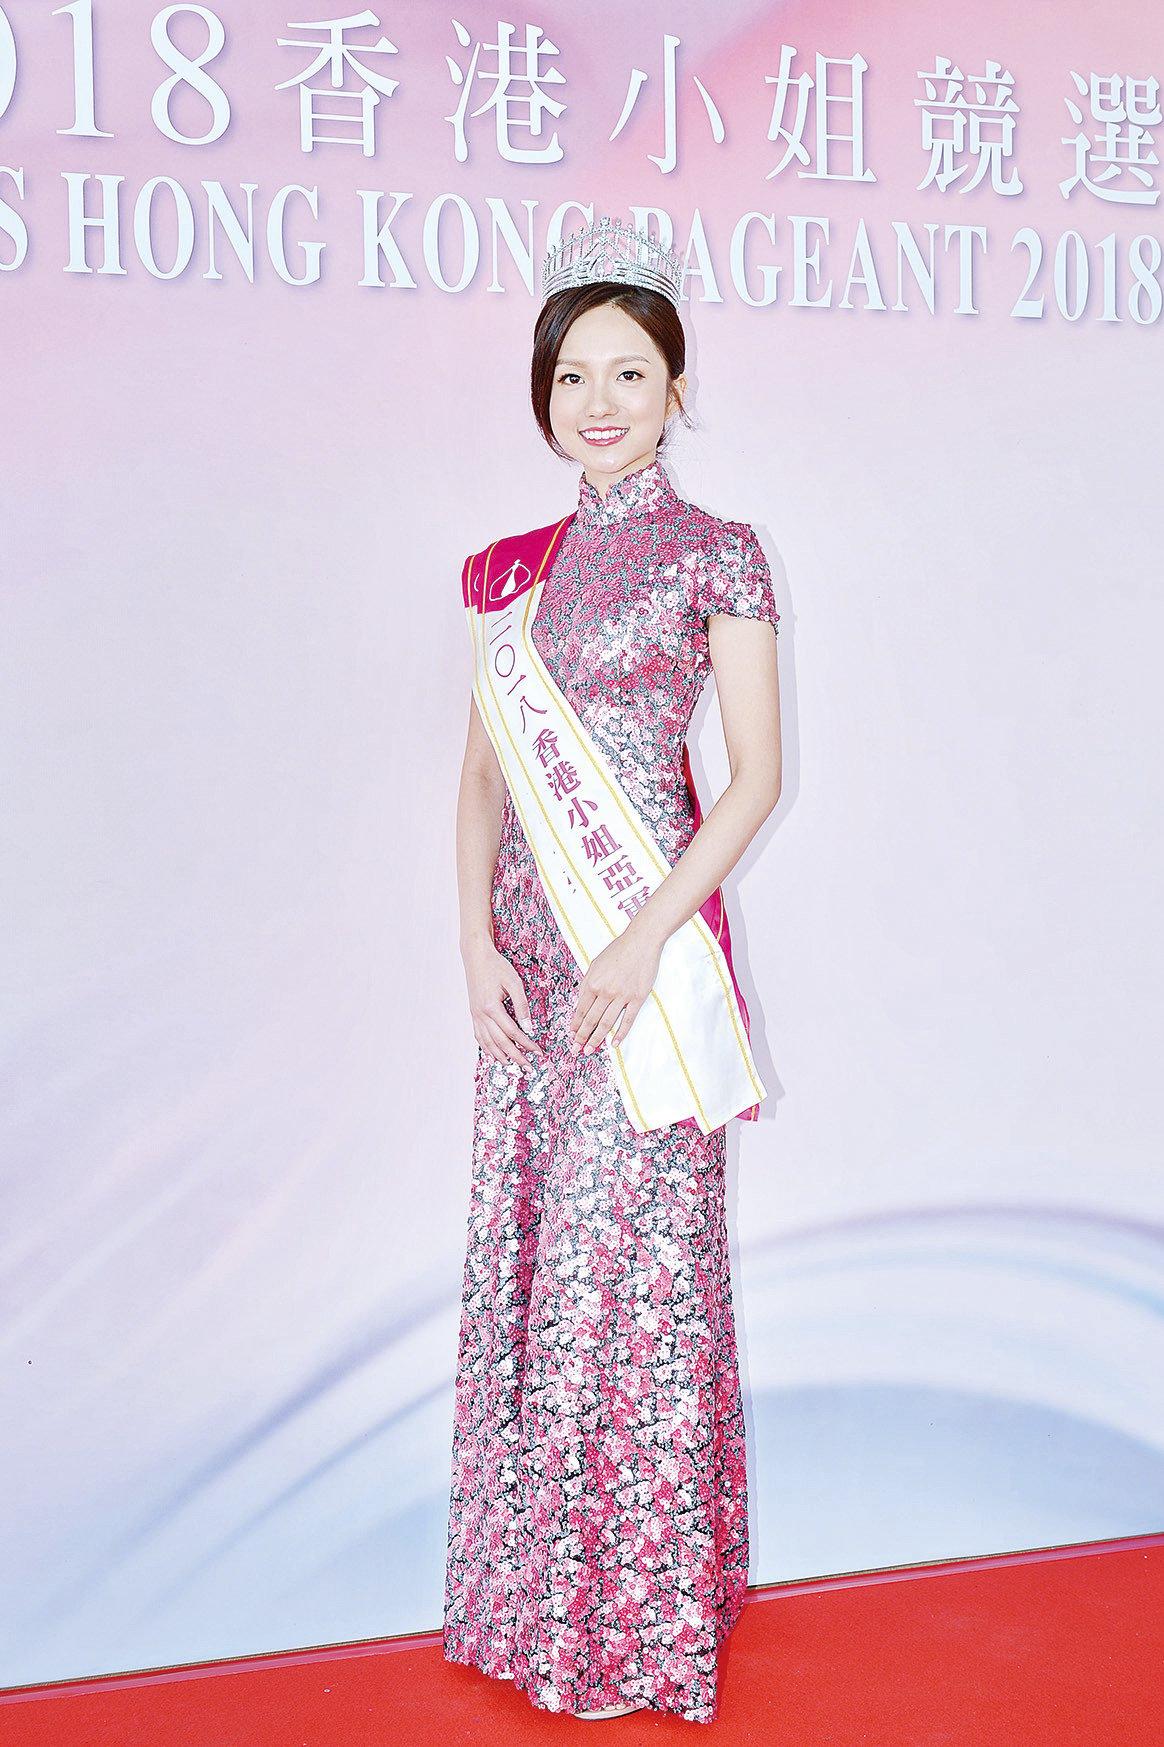 2018香港小姐陳曉華榮膺后冠 |大紀元時報 香港|獨立敢言的良心媒體